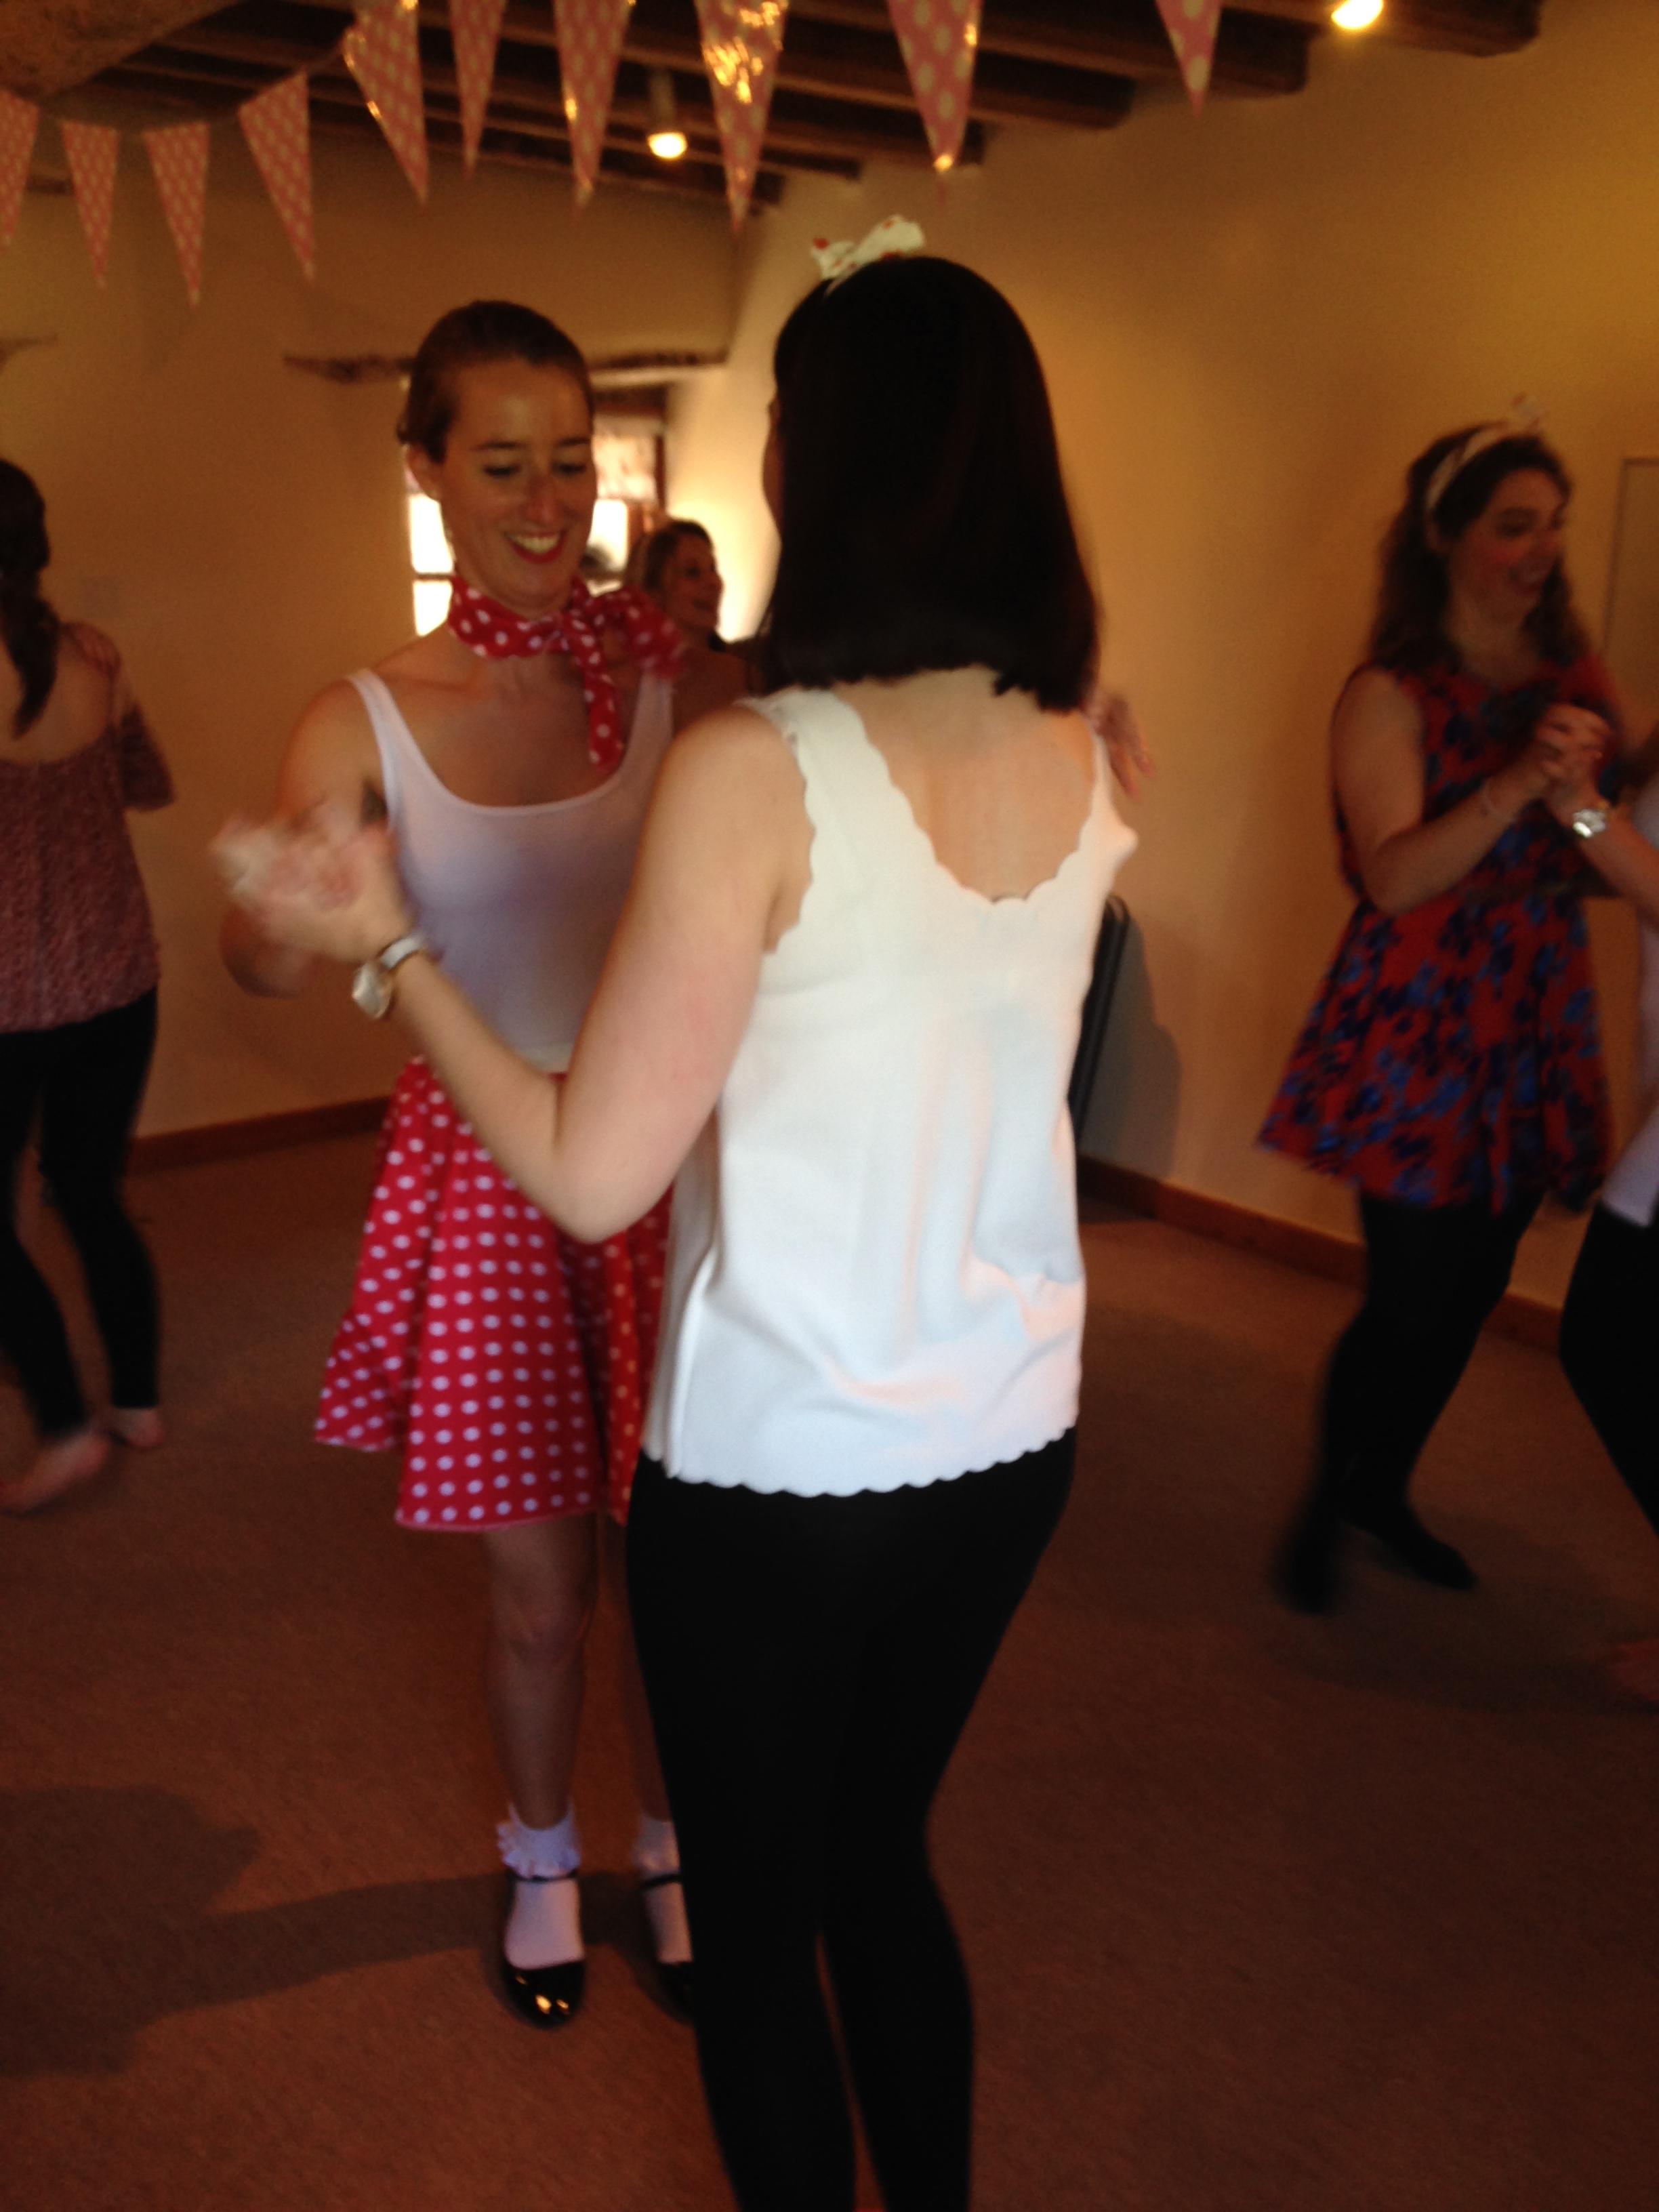 HEN DANCING JIVE.jpg